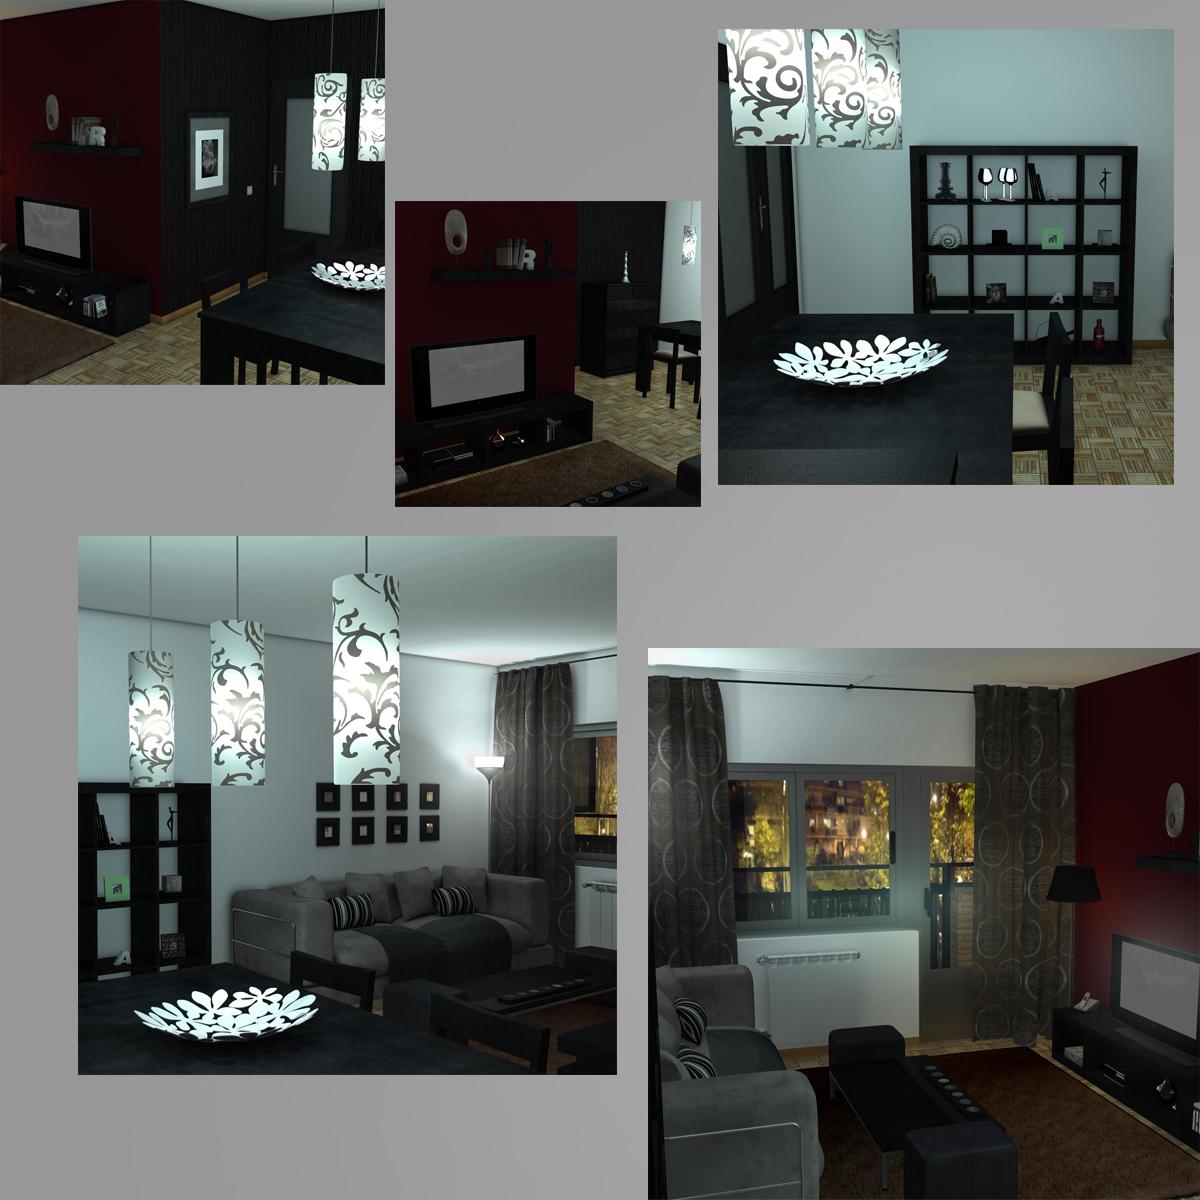 dzīvojamā istaba 3d modelis 3ds max fbx c4d ma mb obj 159616